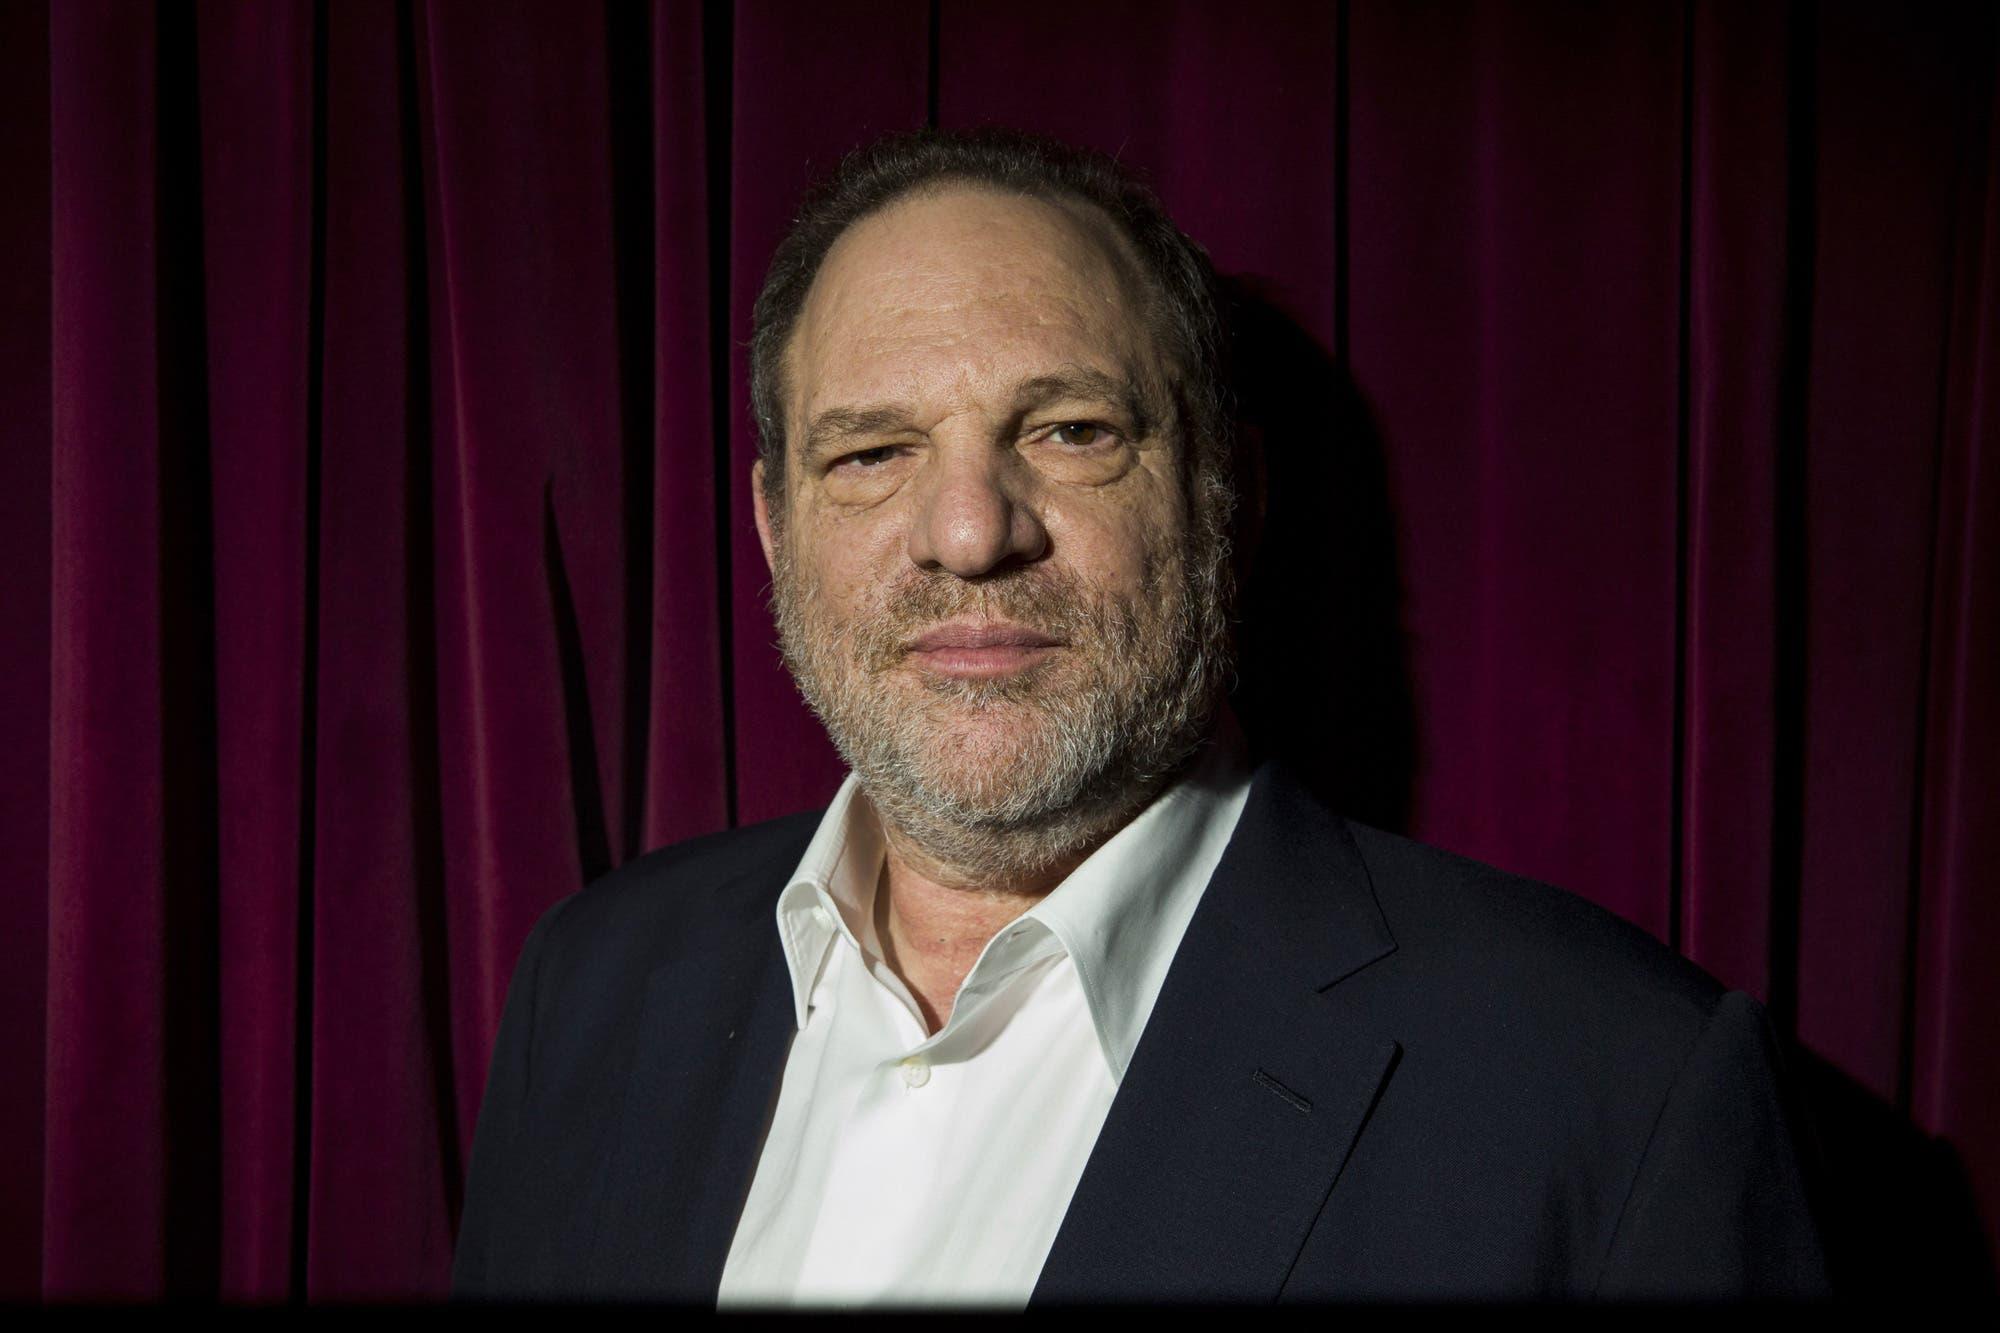 Abusso Internado Mas Ulino Porno cronología de los abusos sexuales que impactaron al mundo